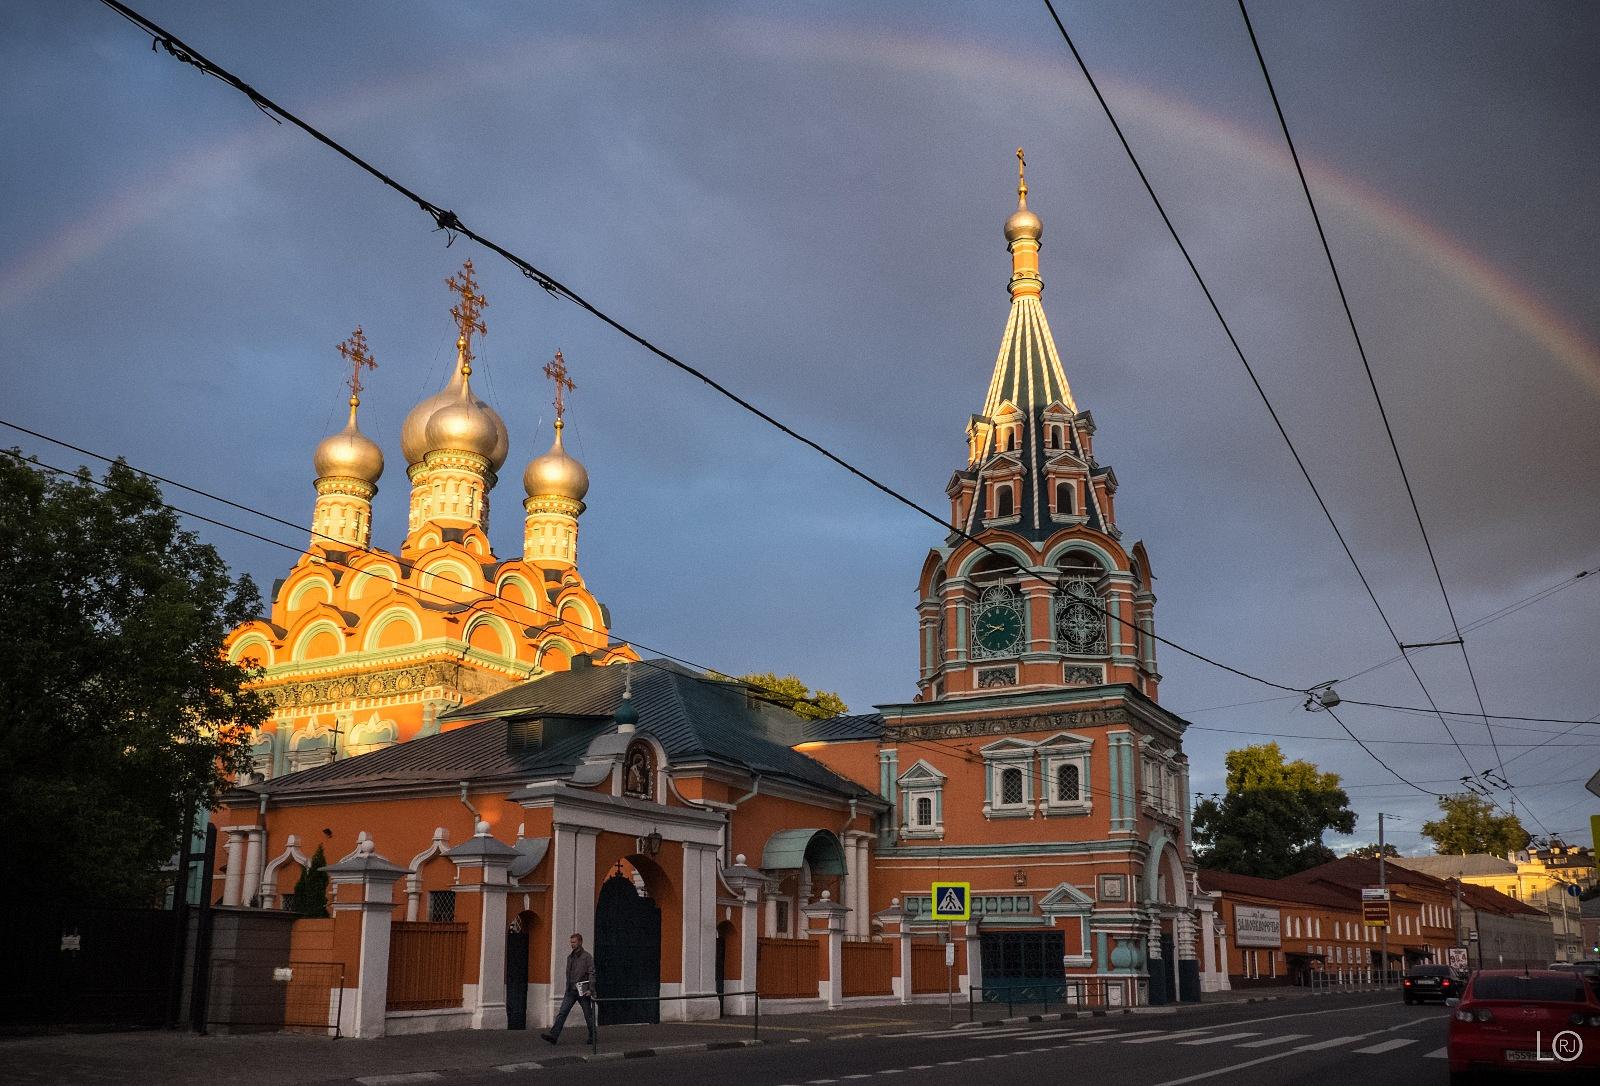 LOrzhekovskaya's Gallery